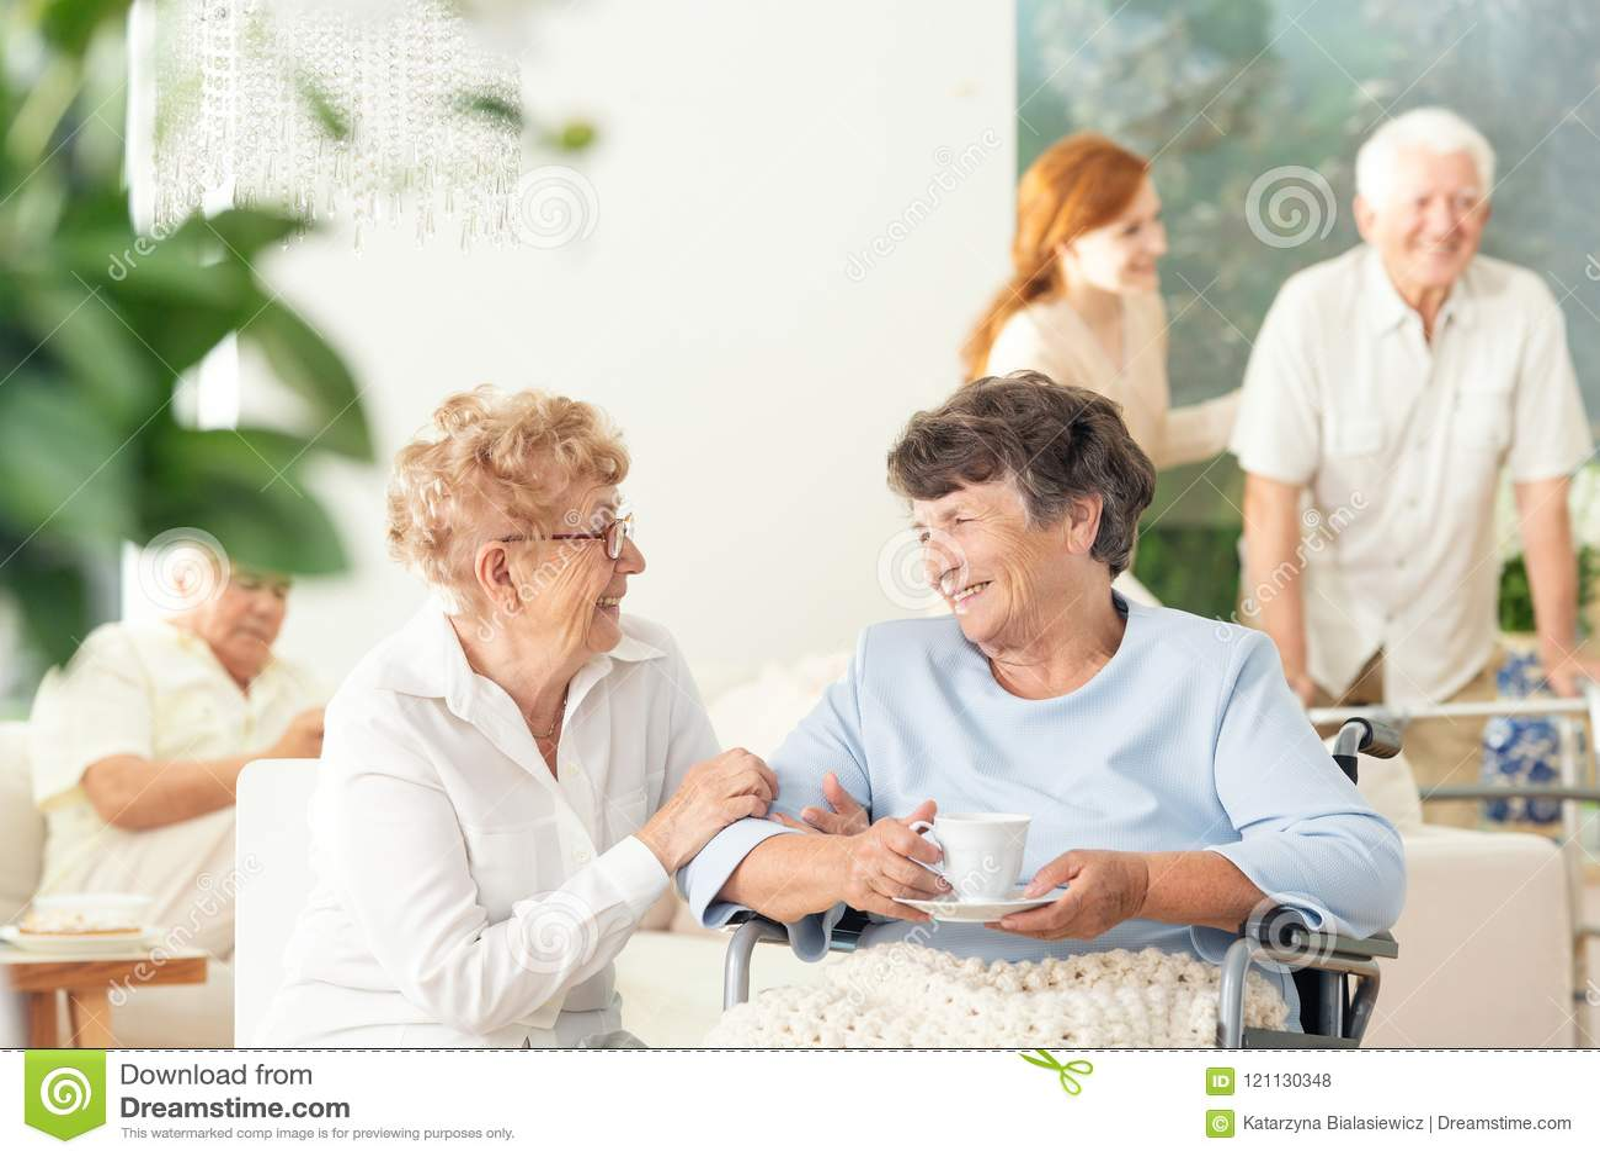 谈和握手的两名愉快的老年医学的妇女正面图